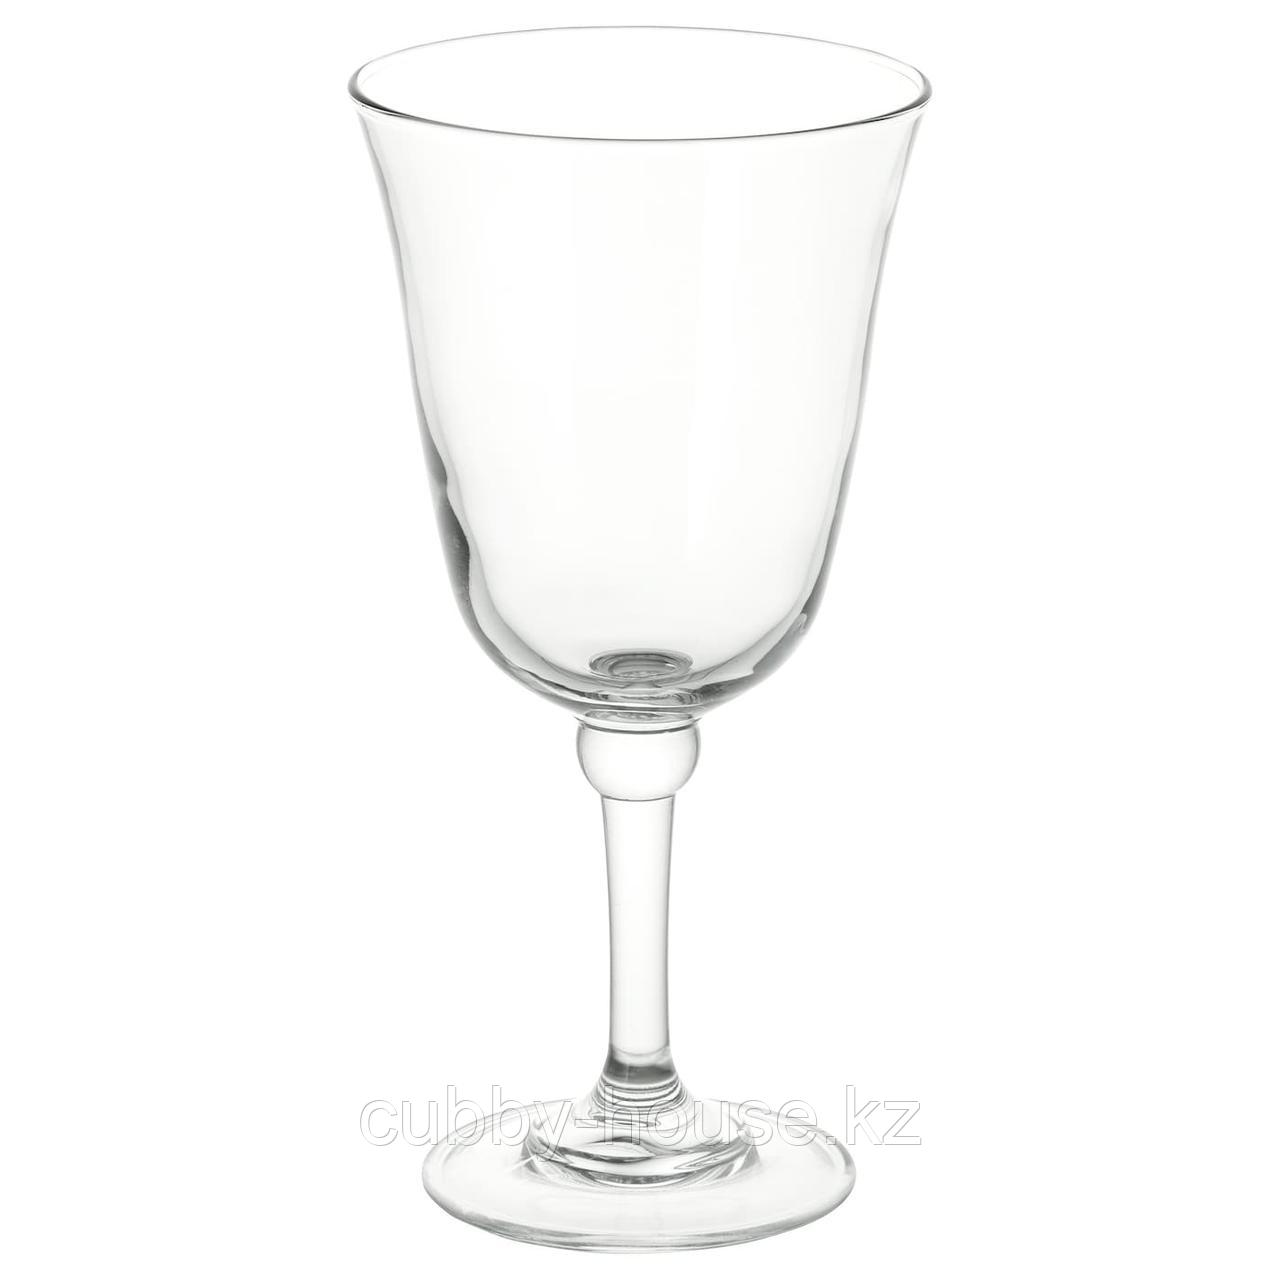 ФРАМТРЭДА Бокал для вина, прозрачное стекло, 30 сл